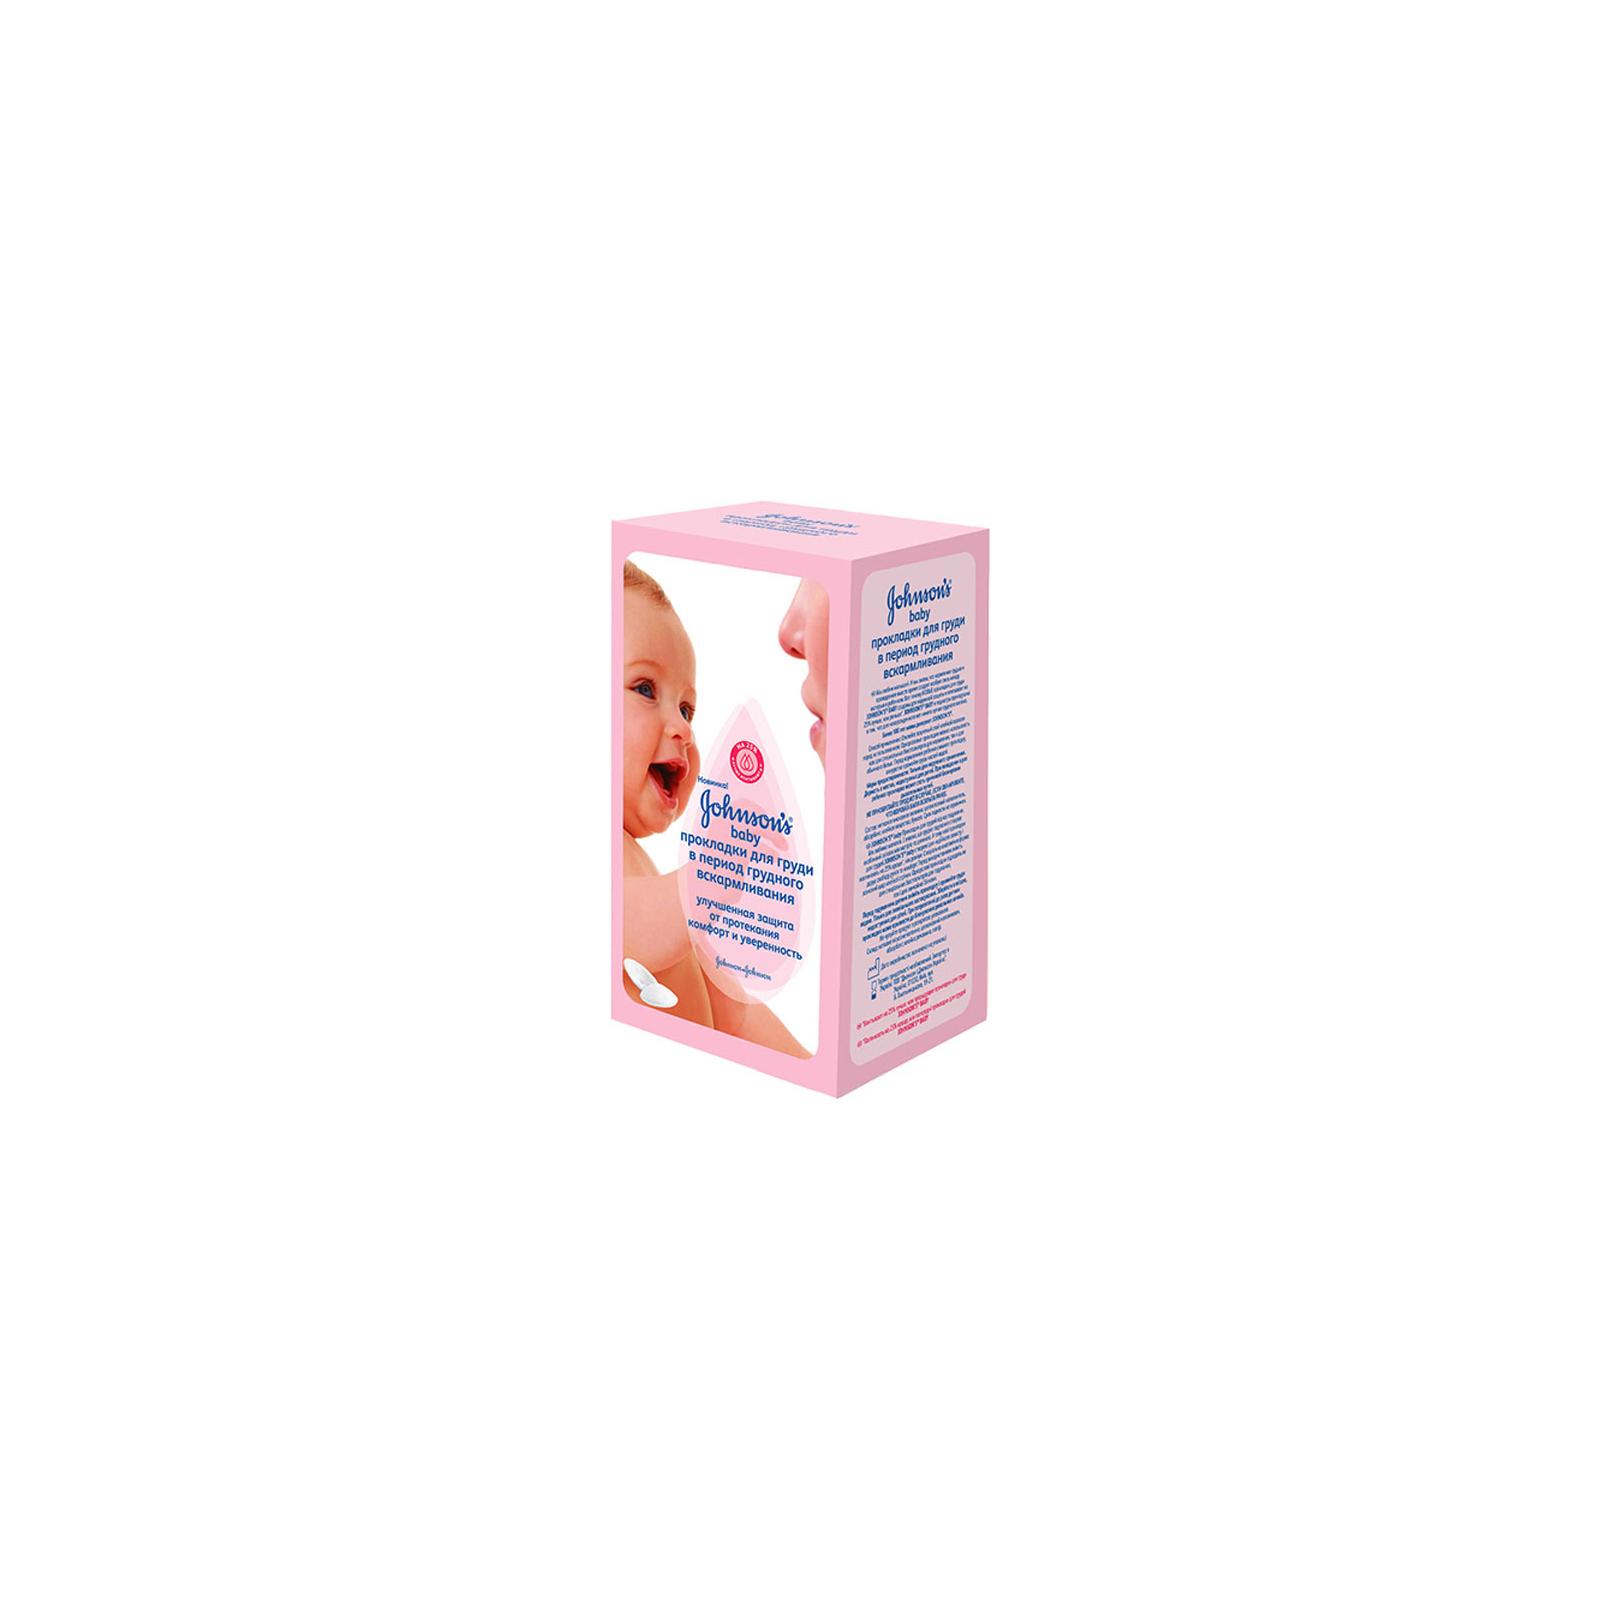 Вкладыш для бюстгальтера Johnson's Baby 30 шт (3574660444339) изображение 2